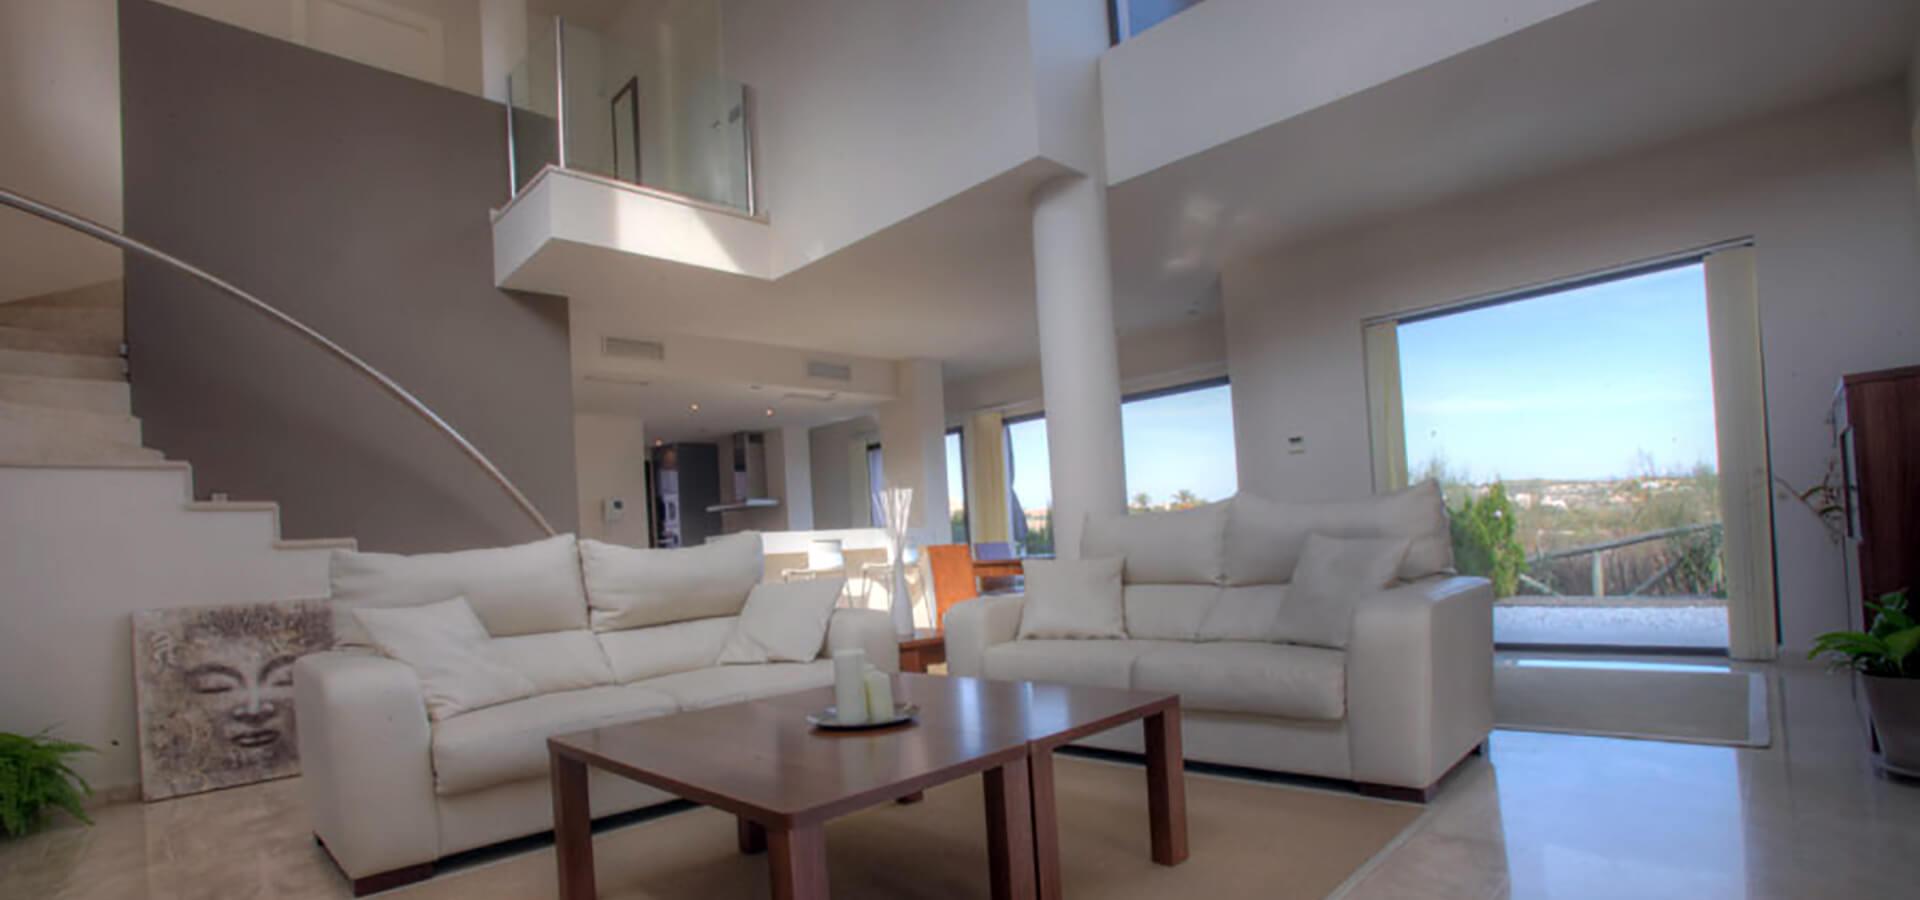 3 Bedroom Villa For Sale Valle Del Este Premium